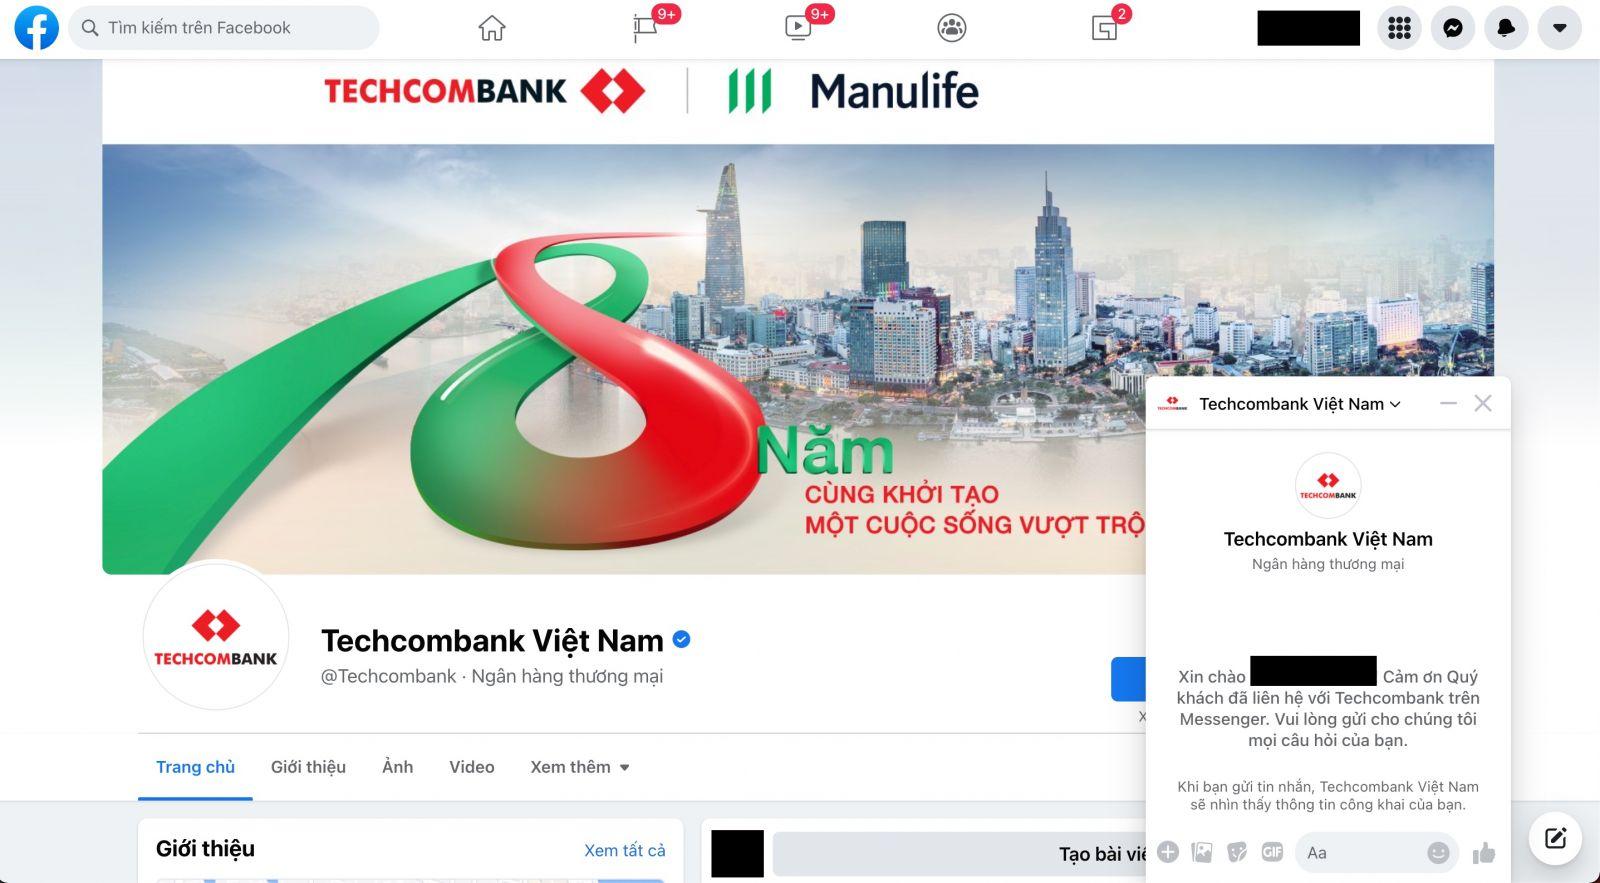 Facebook Techcombank